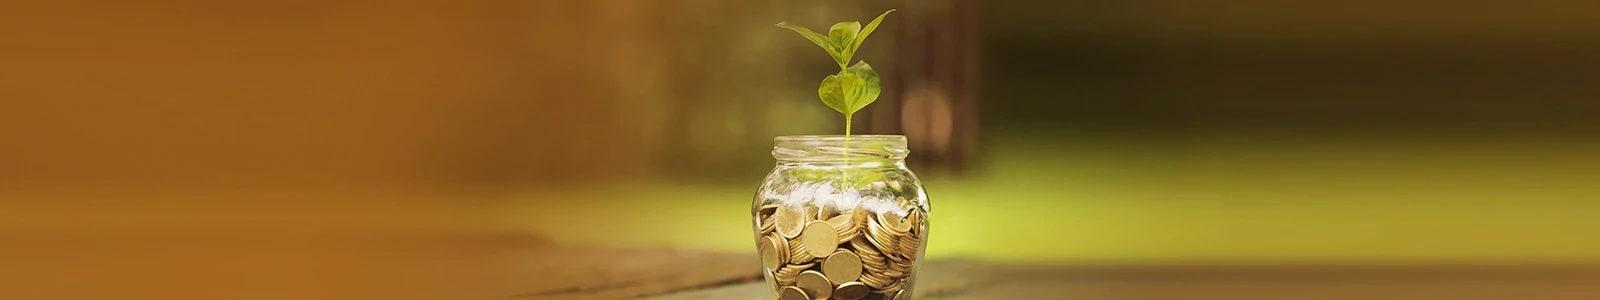 Jar, Money, Coin